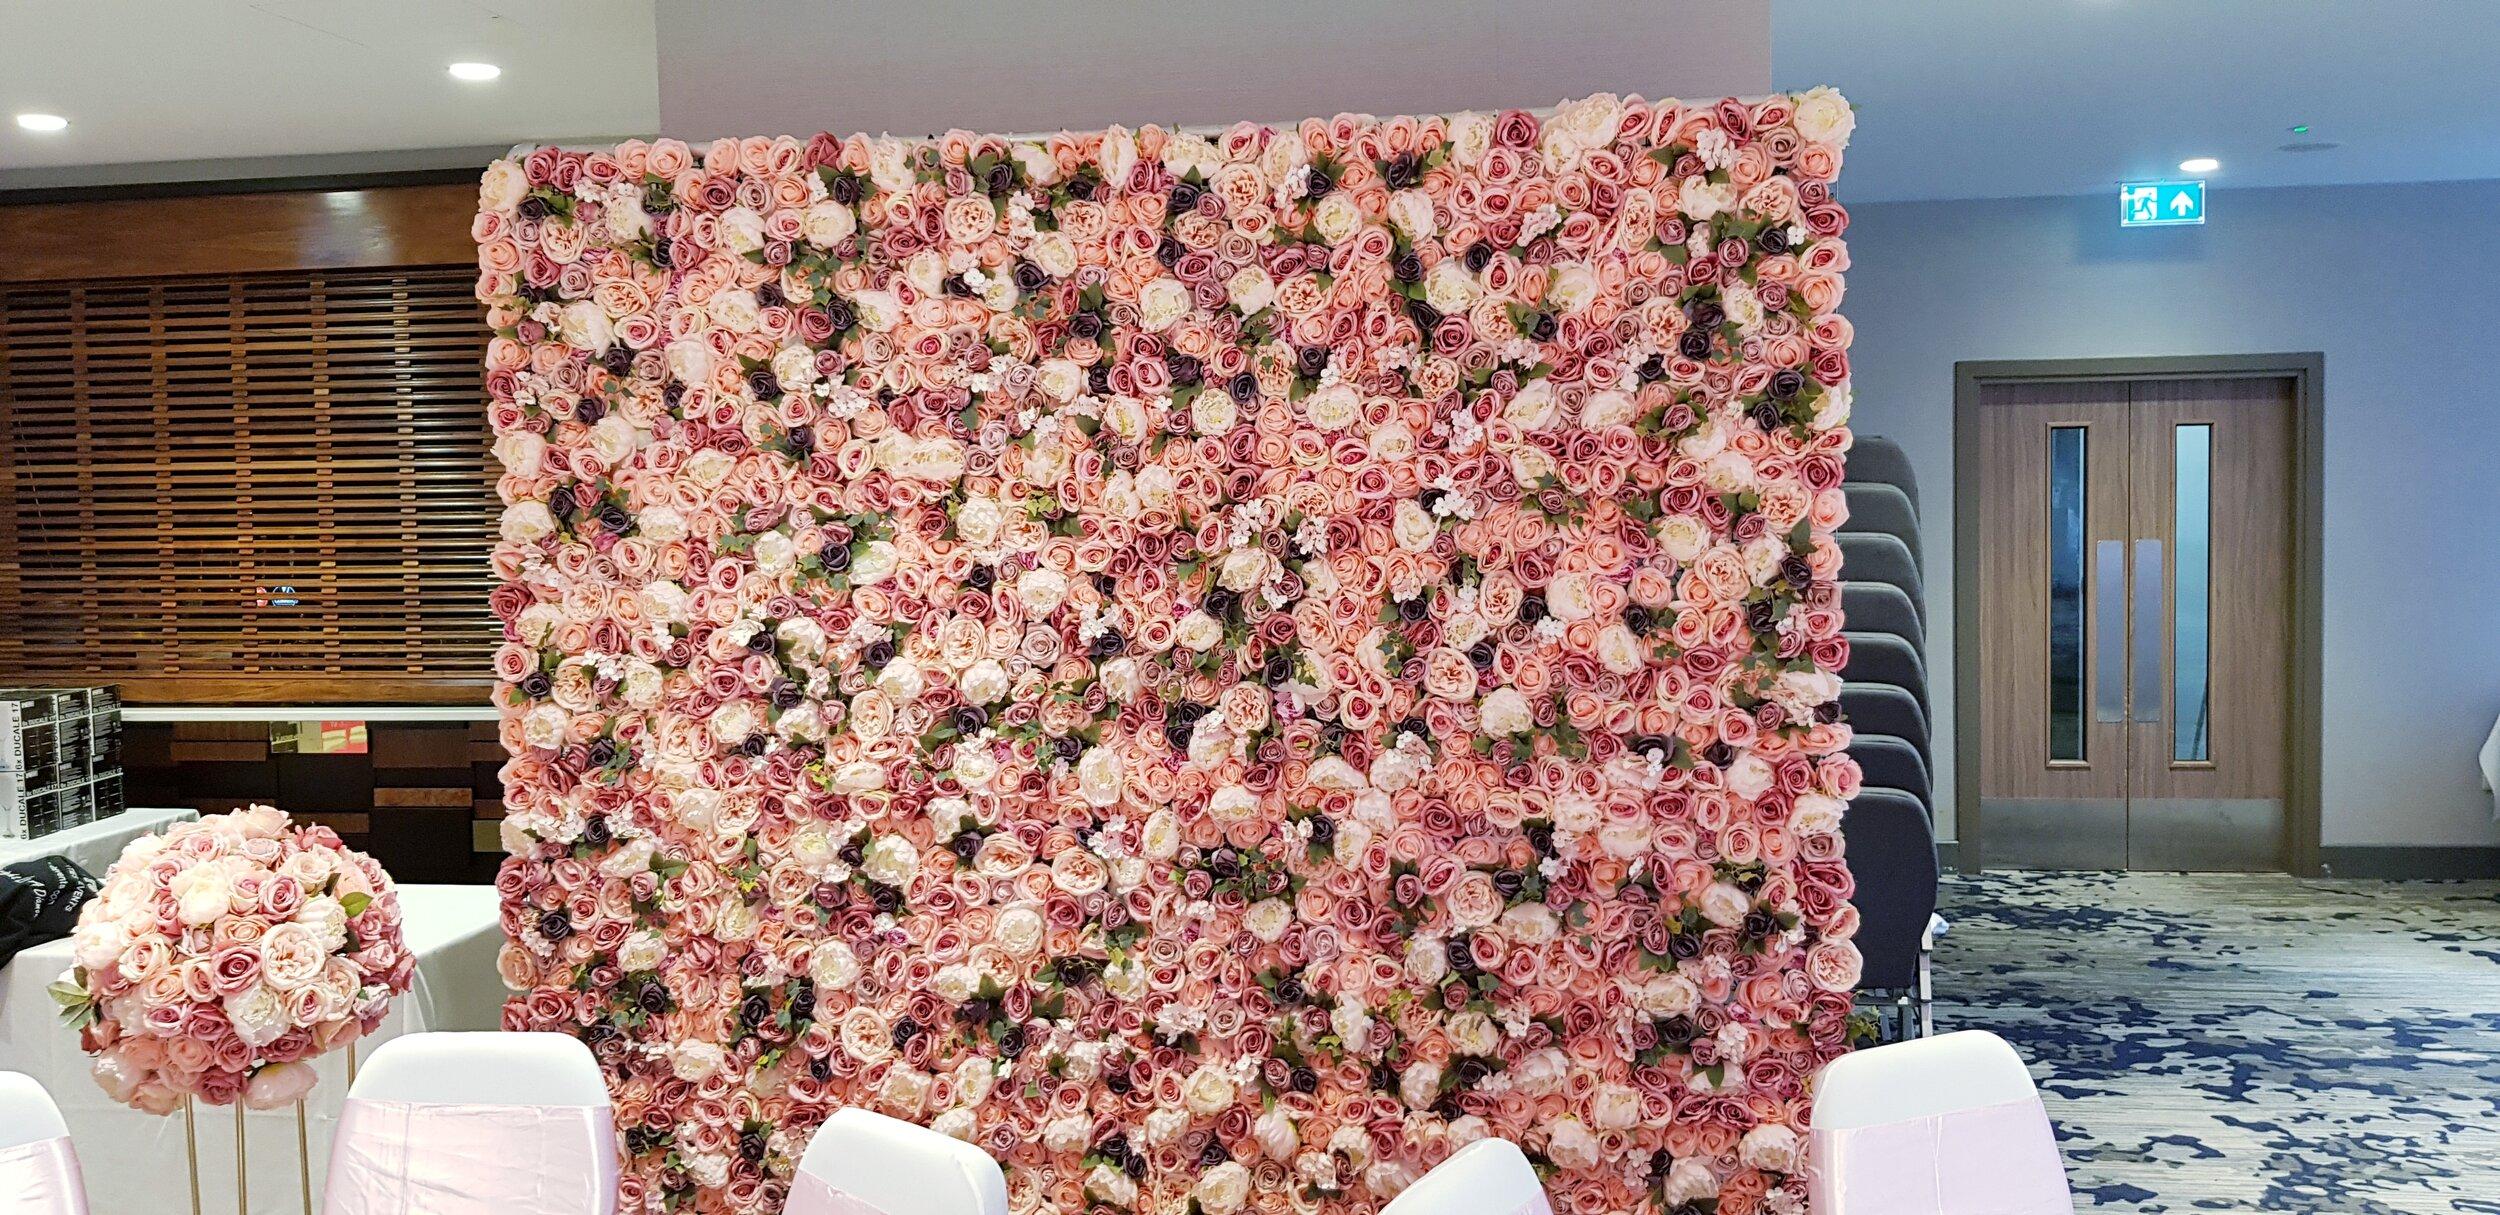 Luxury Pink Flower Wall - £195.00